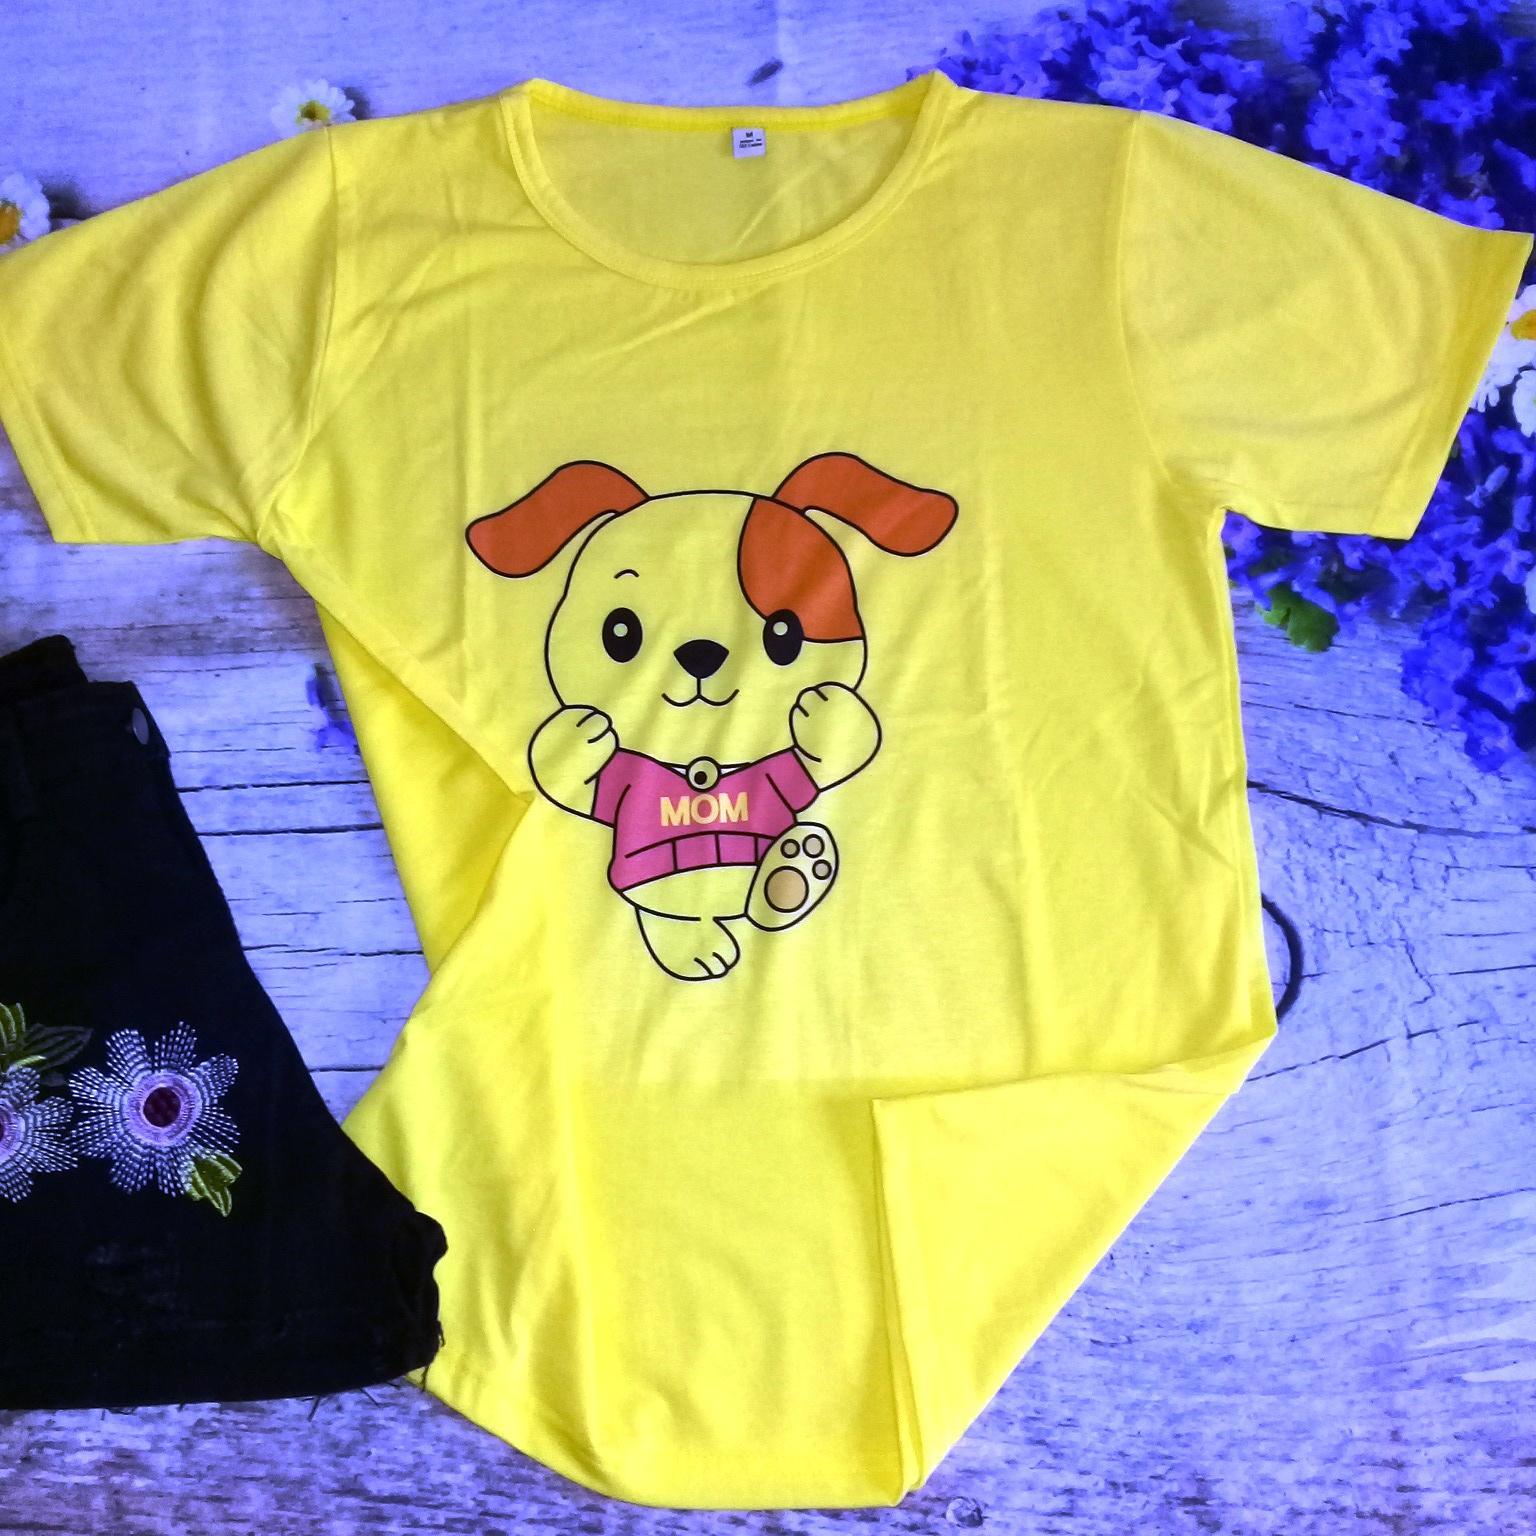 áo thun  gấu màu vàng (Mom)